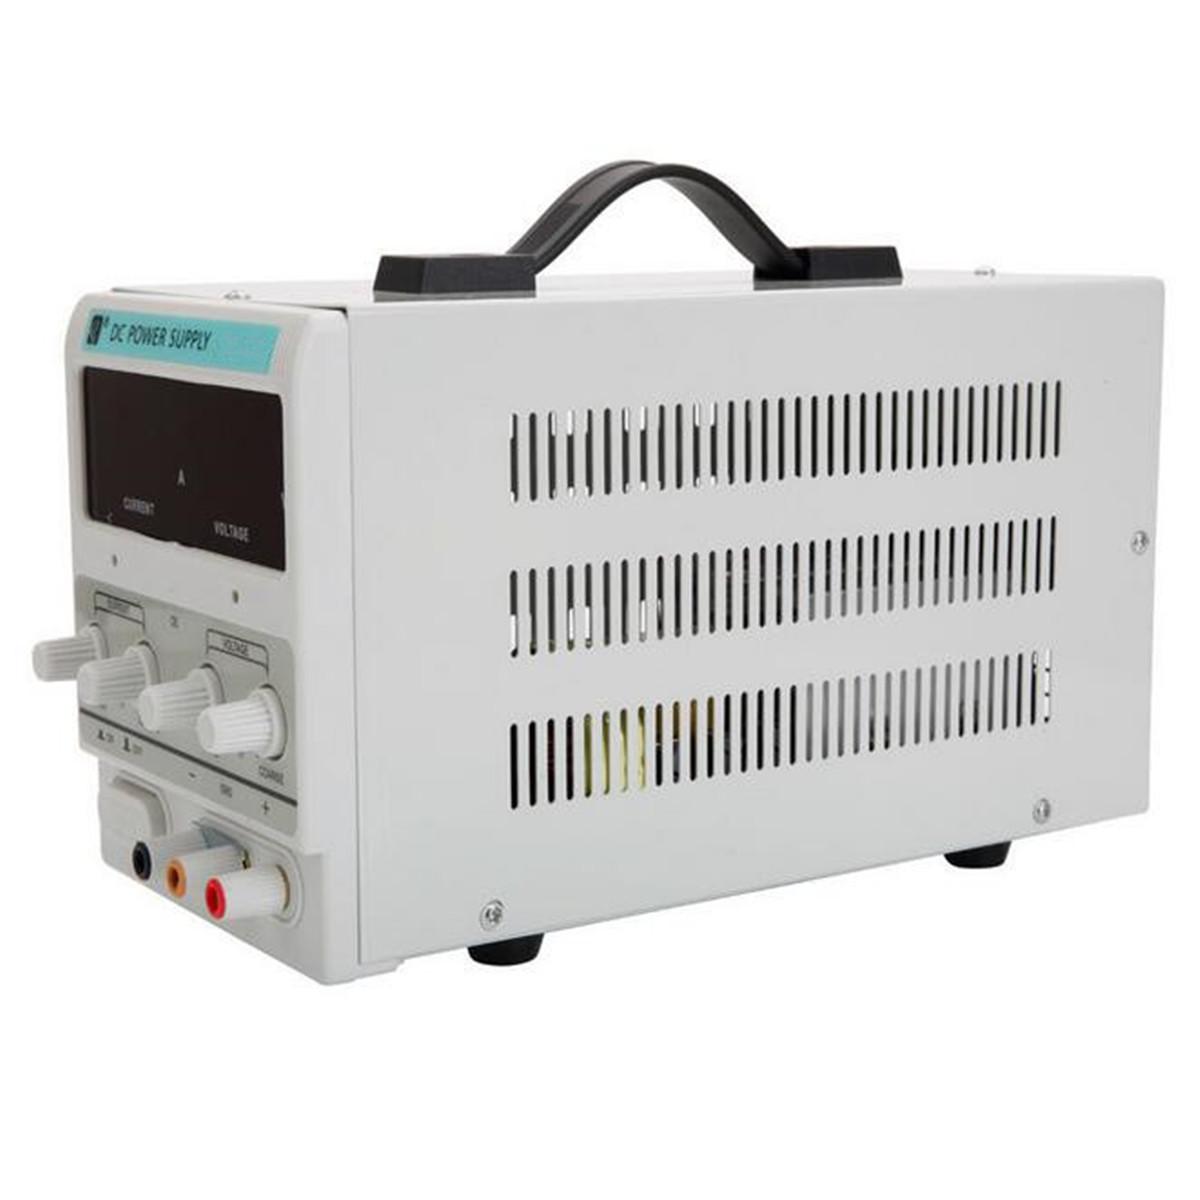 220V 60Hz AC Adjustable Lab DC Regulated Power Supply Voltage 0-30V 0-5A EU Plug